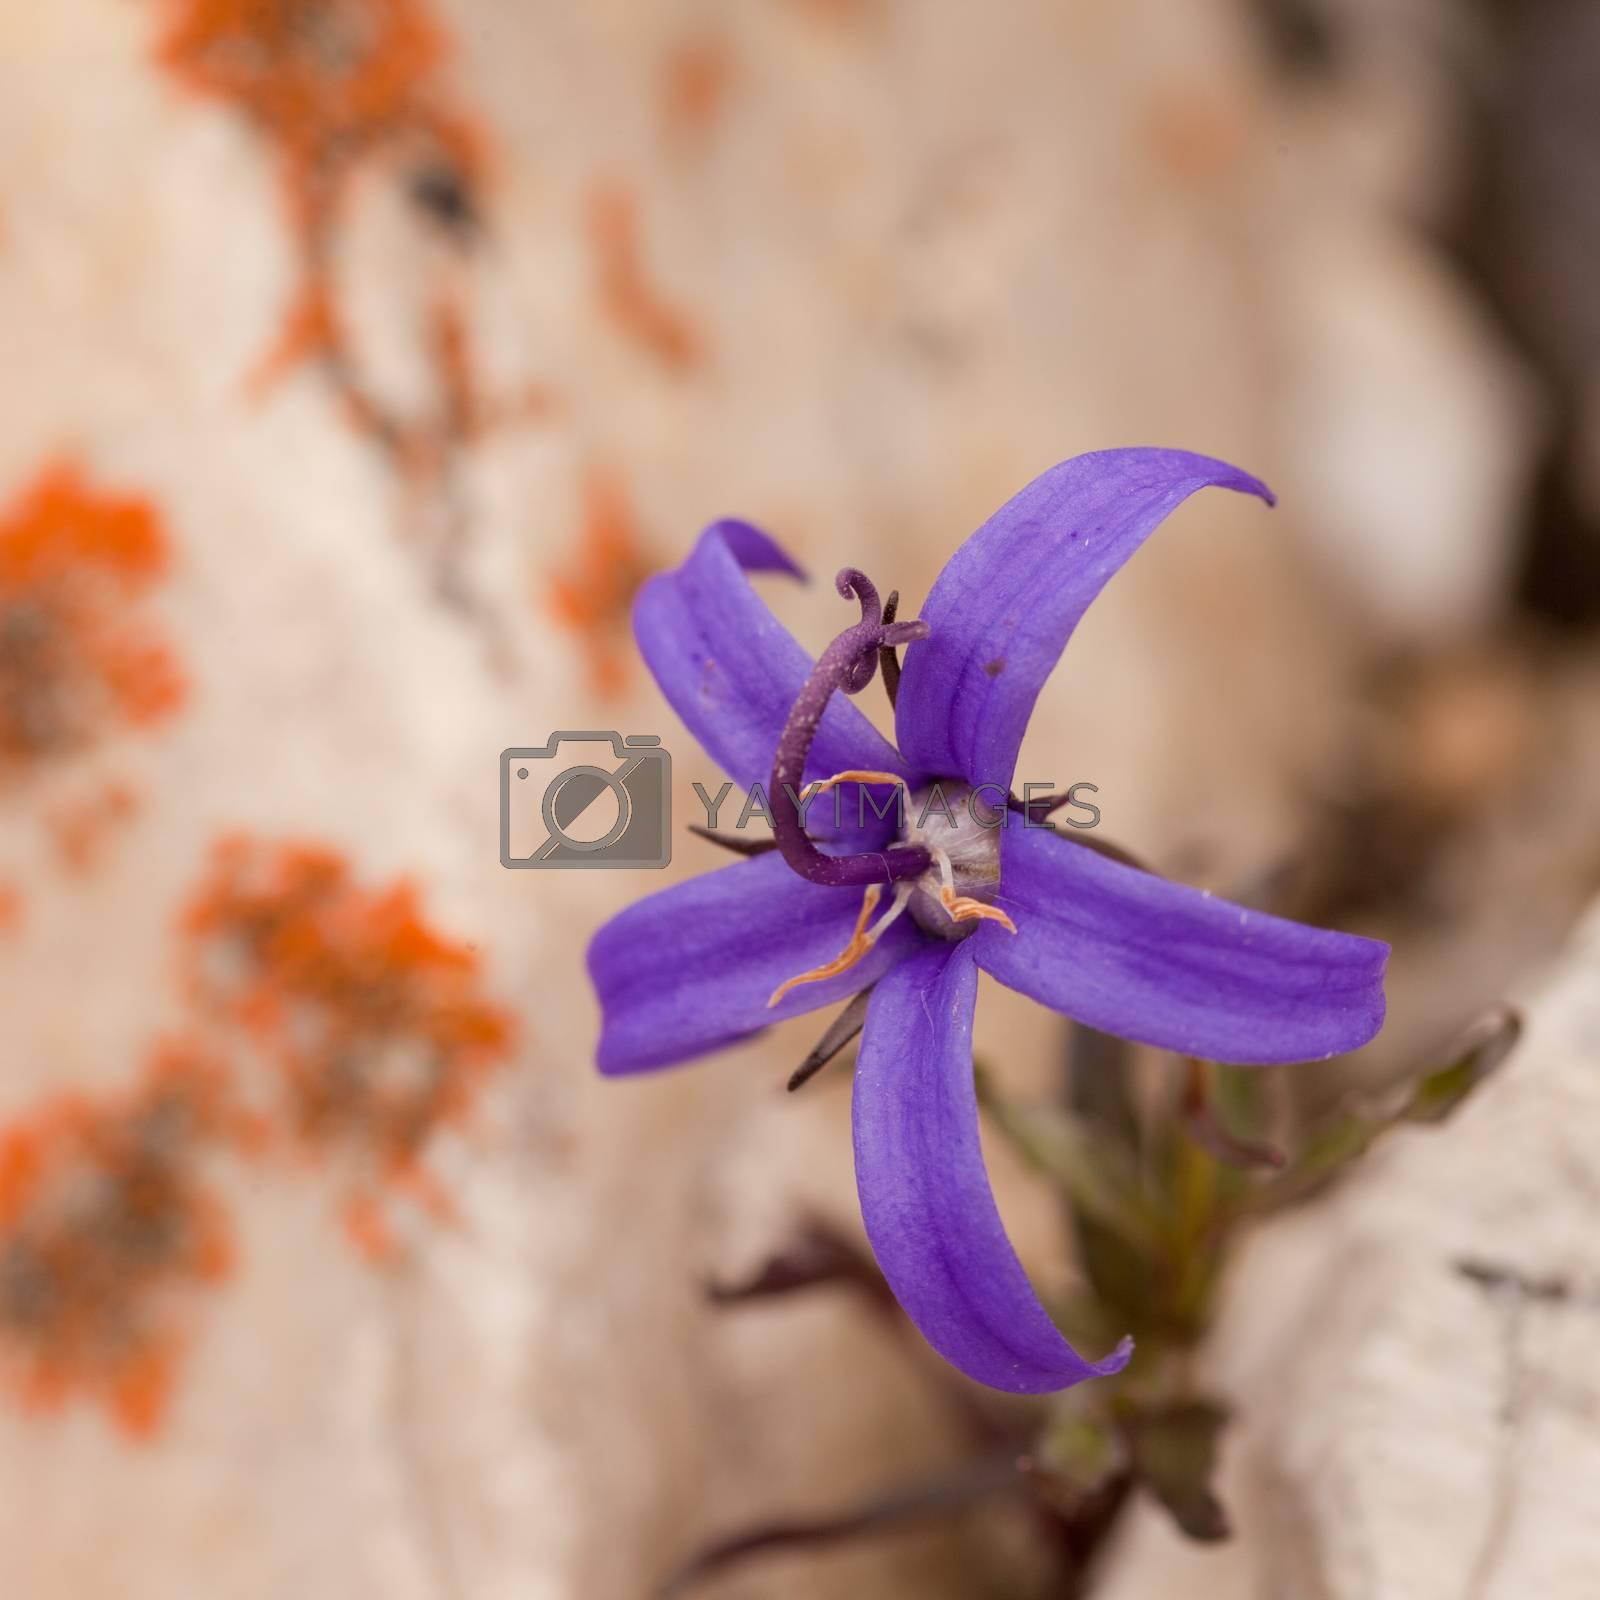 Alpine plant Inky Gentain Gentiana glauca flower by PiLens